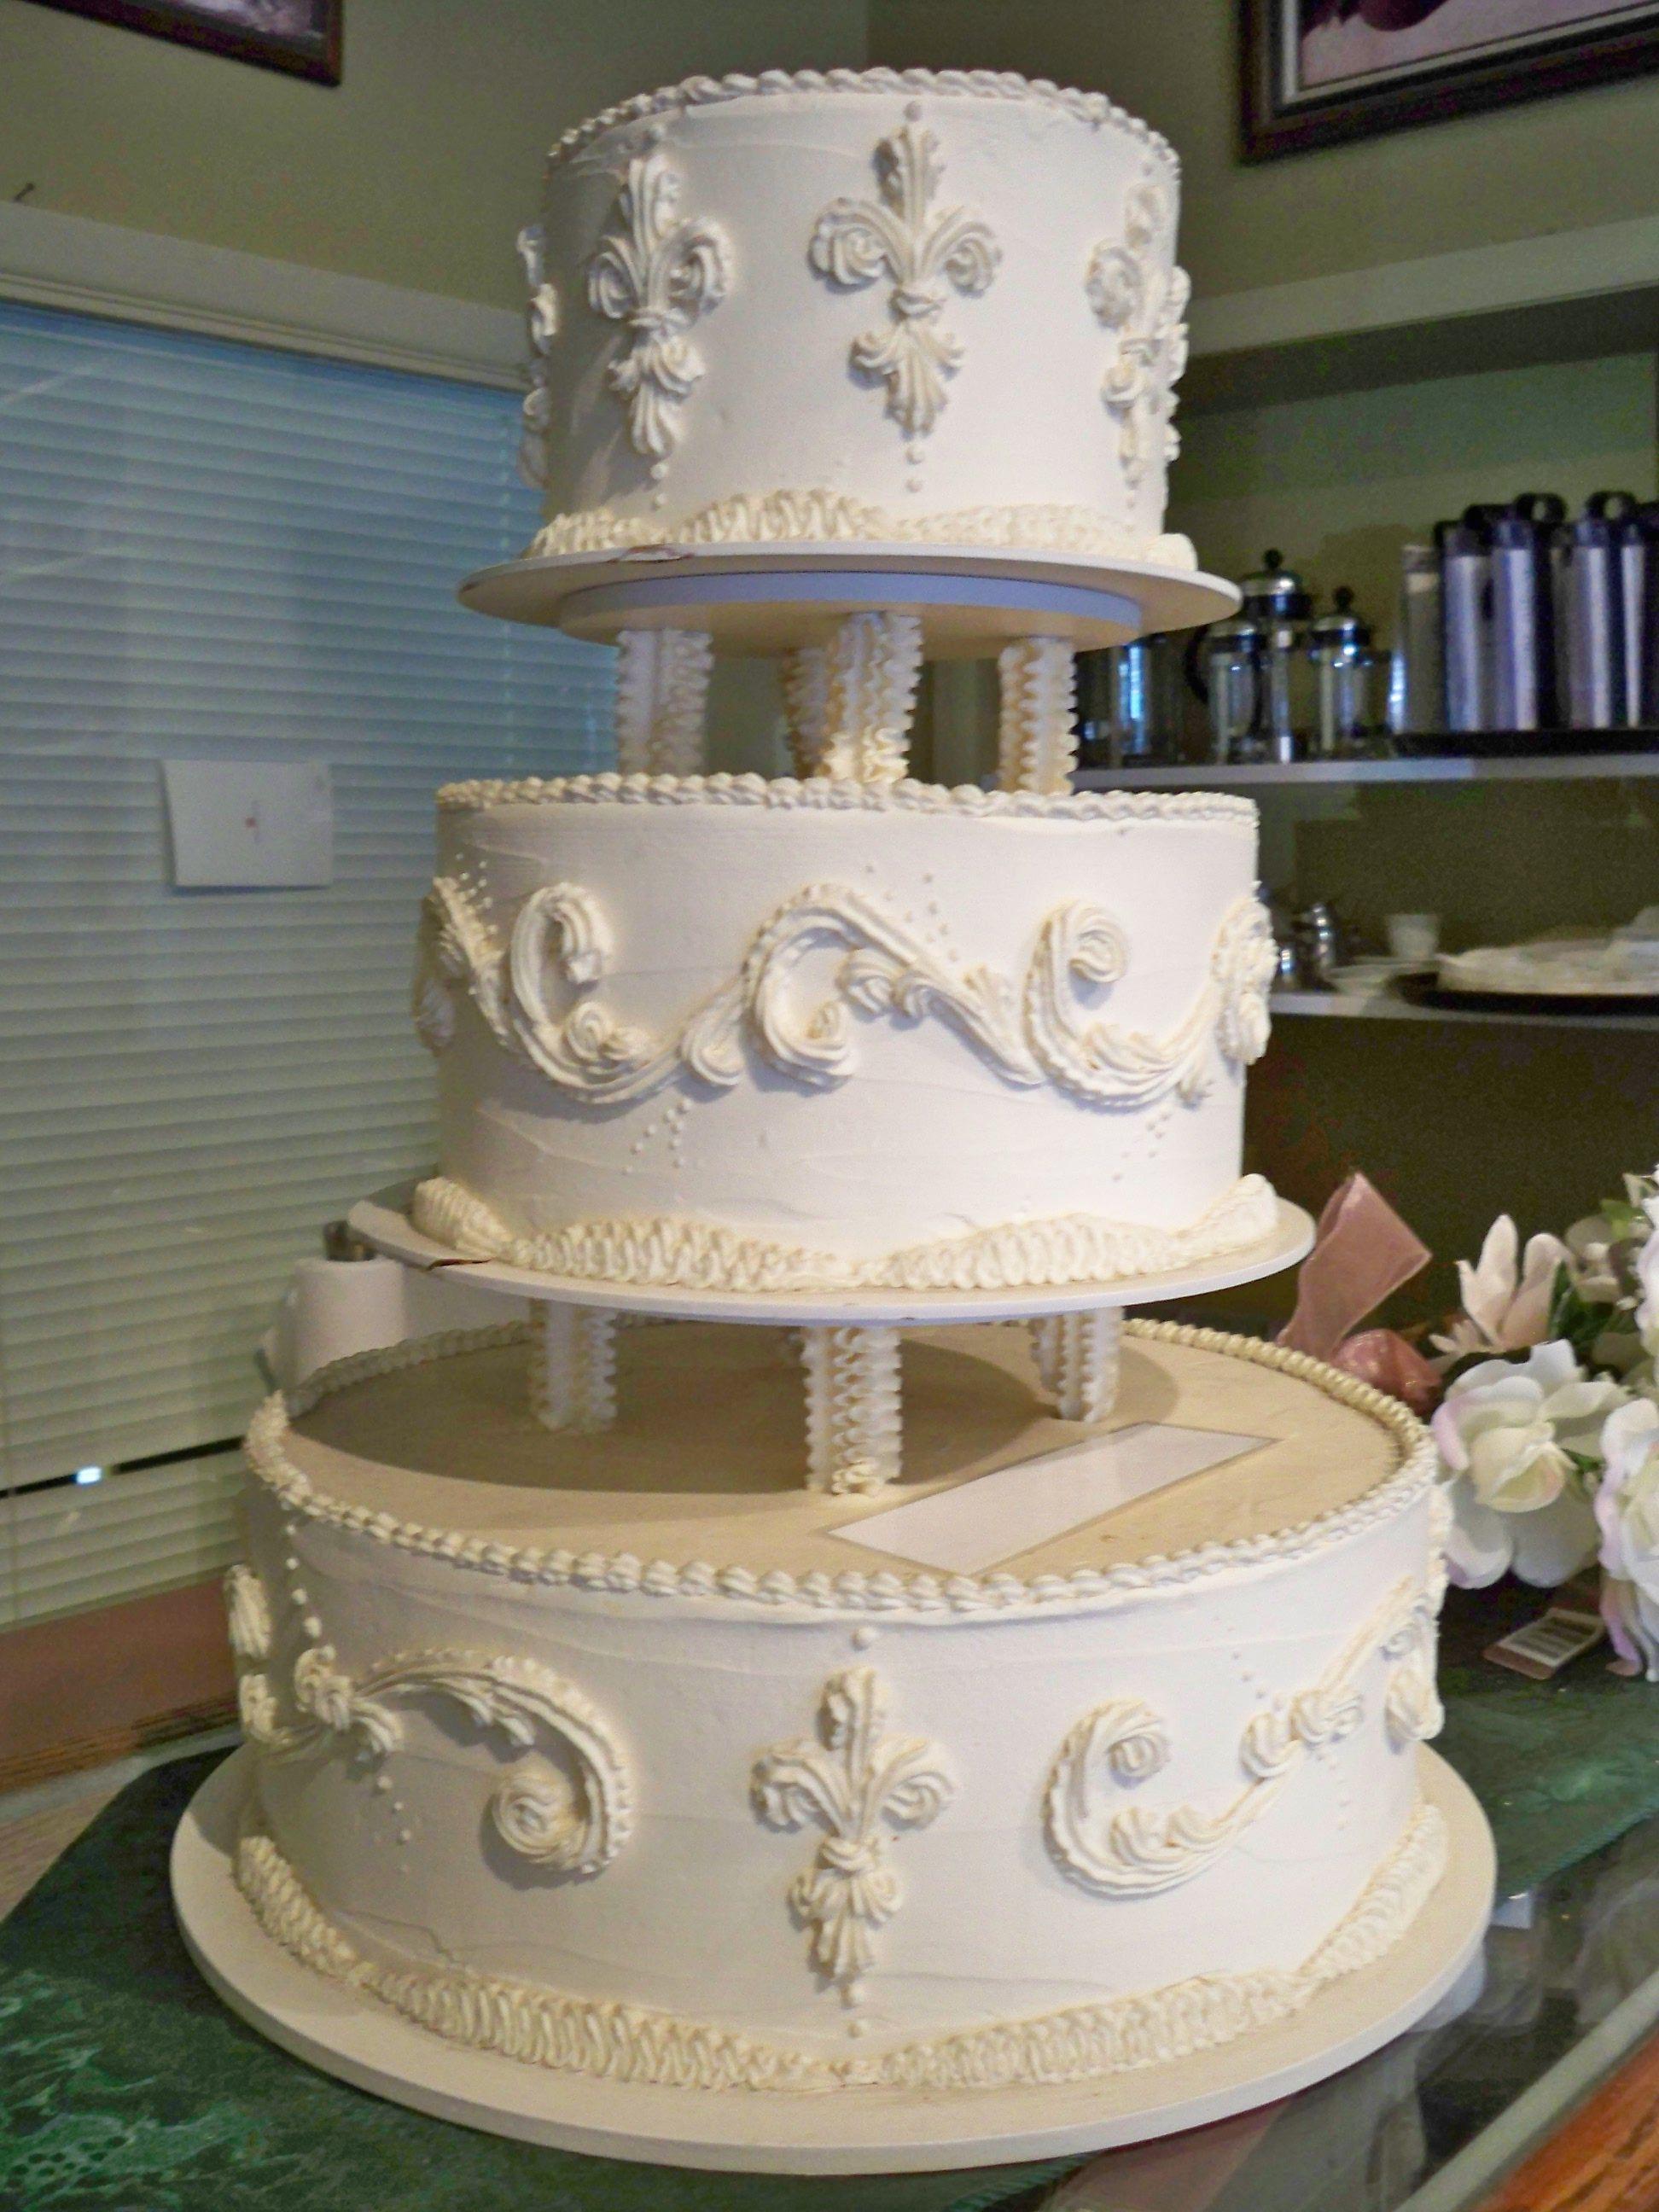 Delightful Jacivau0027s Bakery #chocolate #Portland #Oregon #Bakery #wedding #Weddingcake  #Jacivas